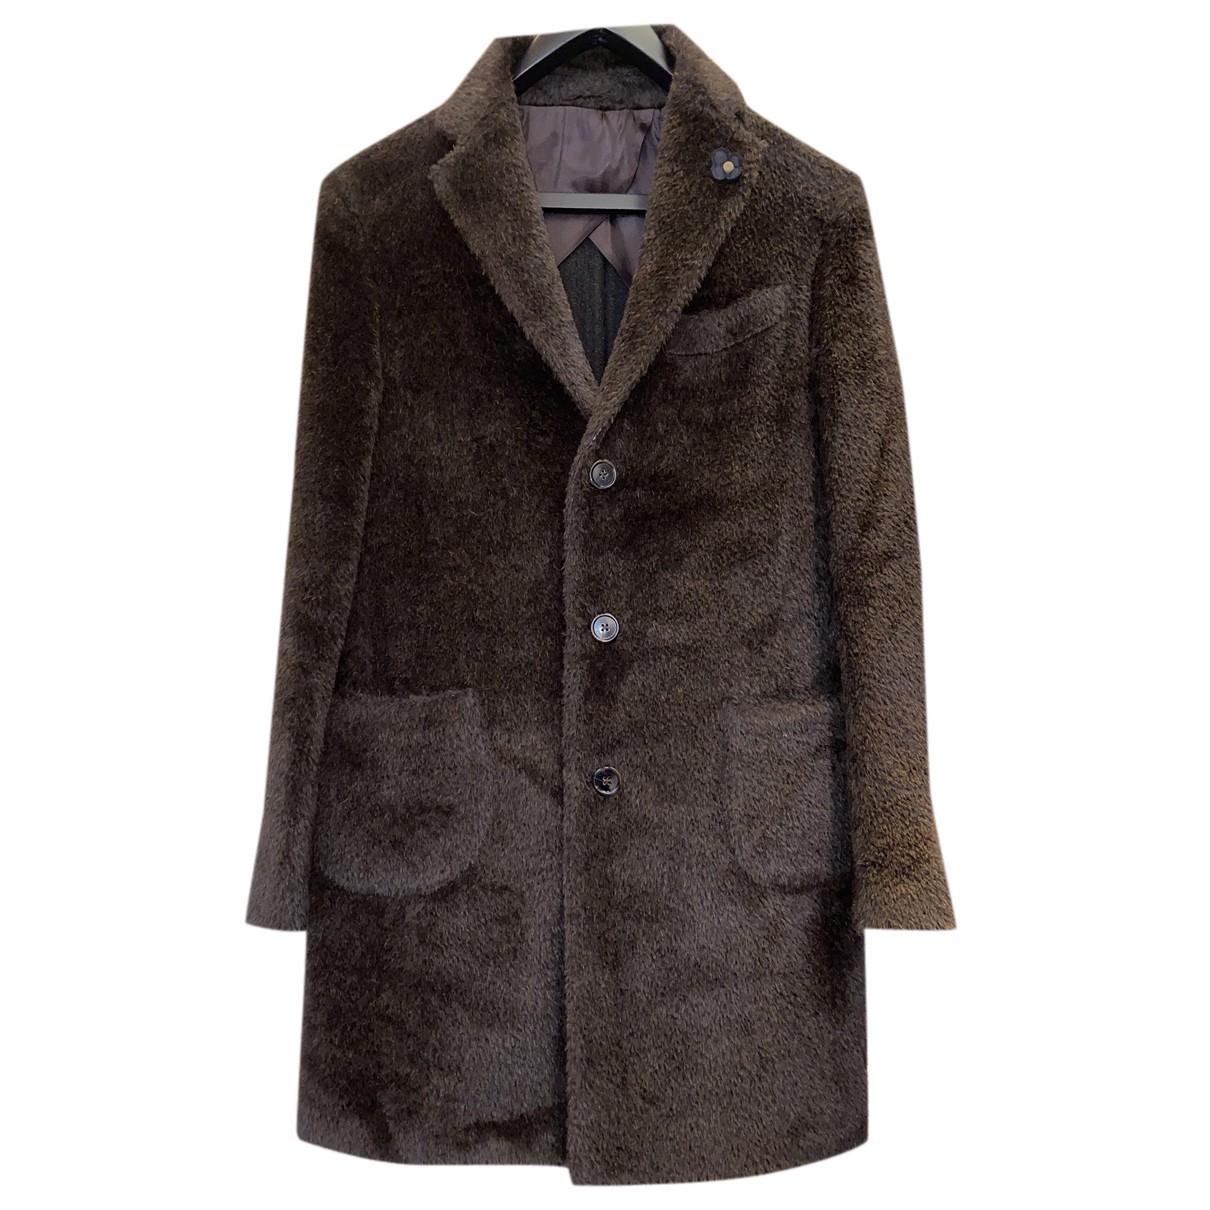 Lardini - Manteau   pour homme en laine - marron